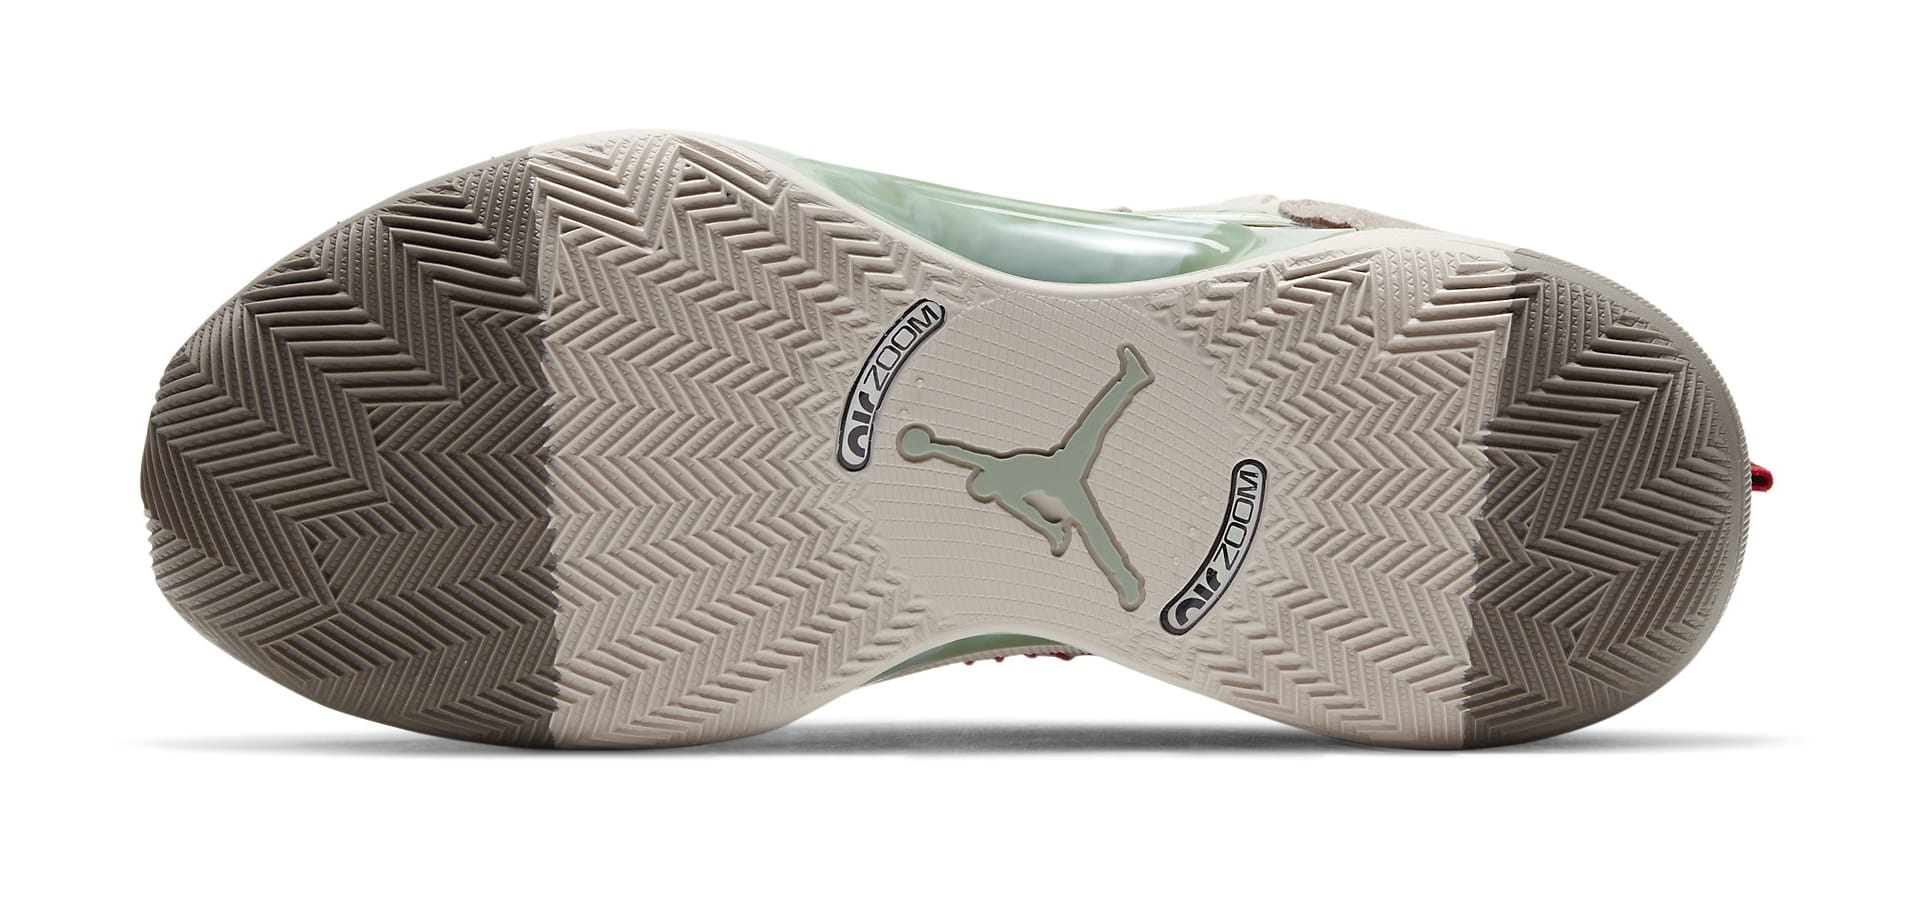 CLOT x Air Jordan 35 DD9322-200 Outsole